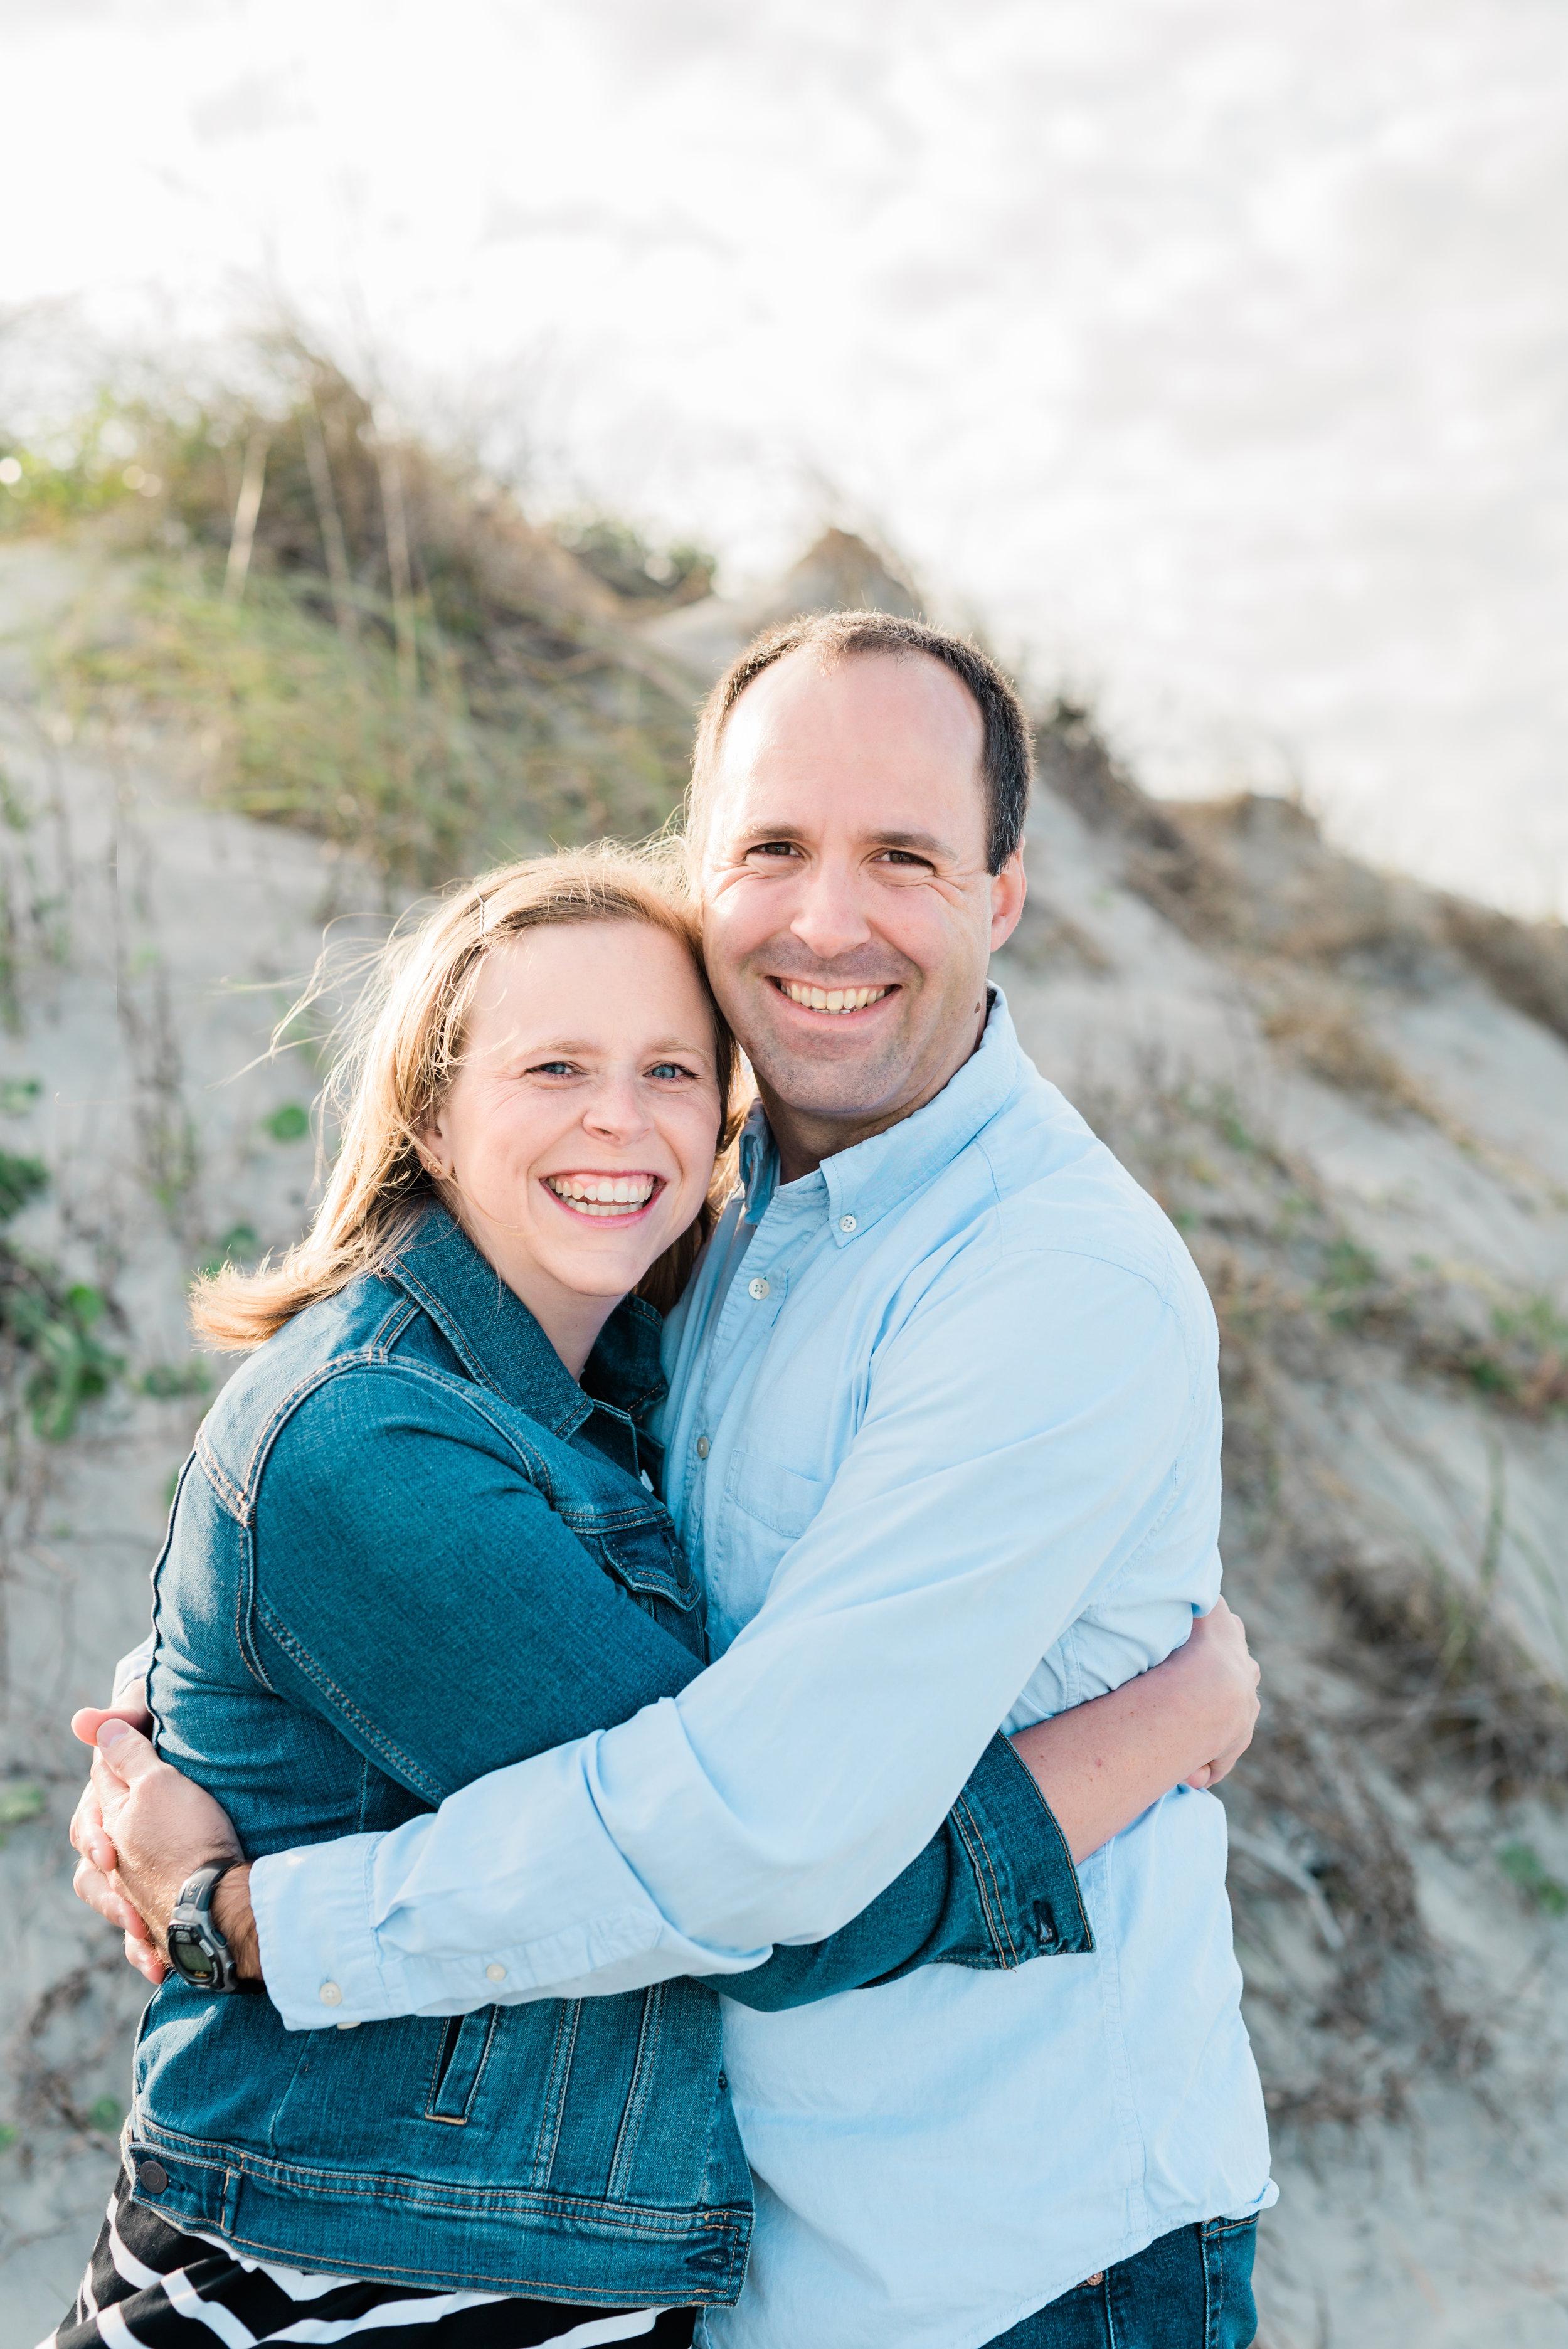 Folly-Beach-Family-Photographer-Following-Seas-Photography-7671 copy.jpg